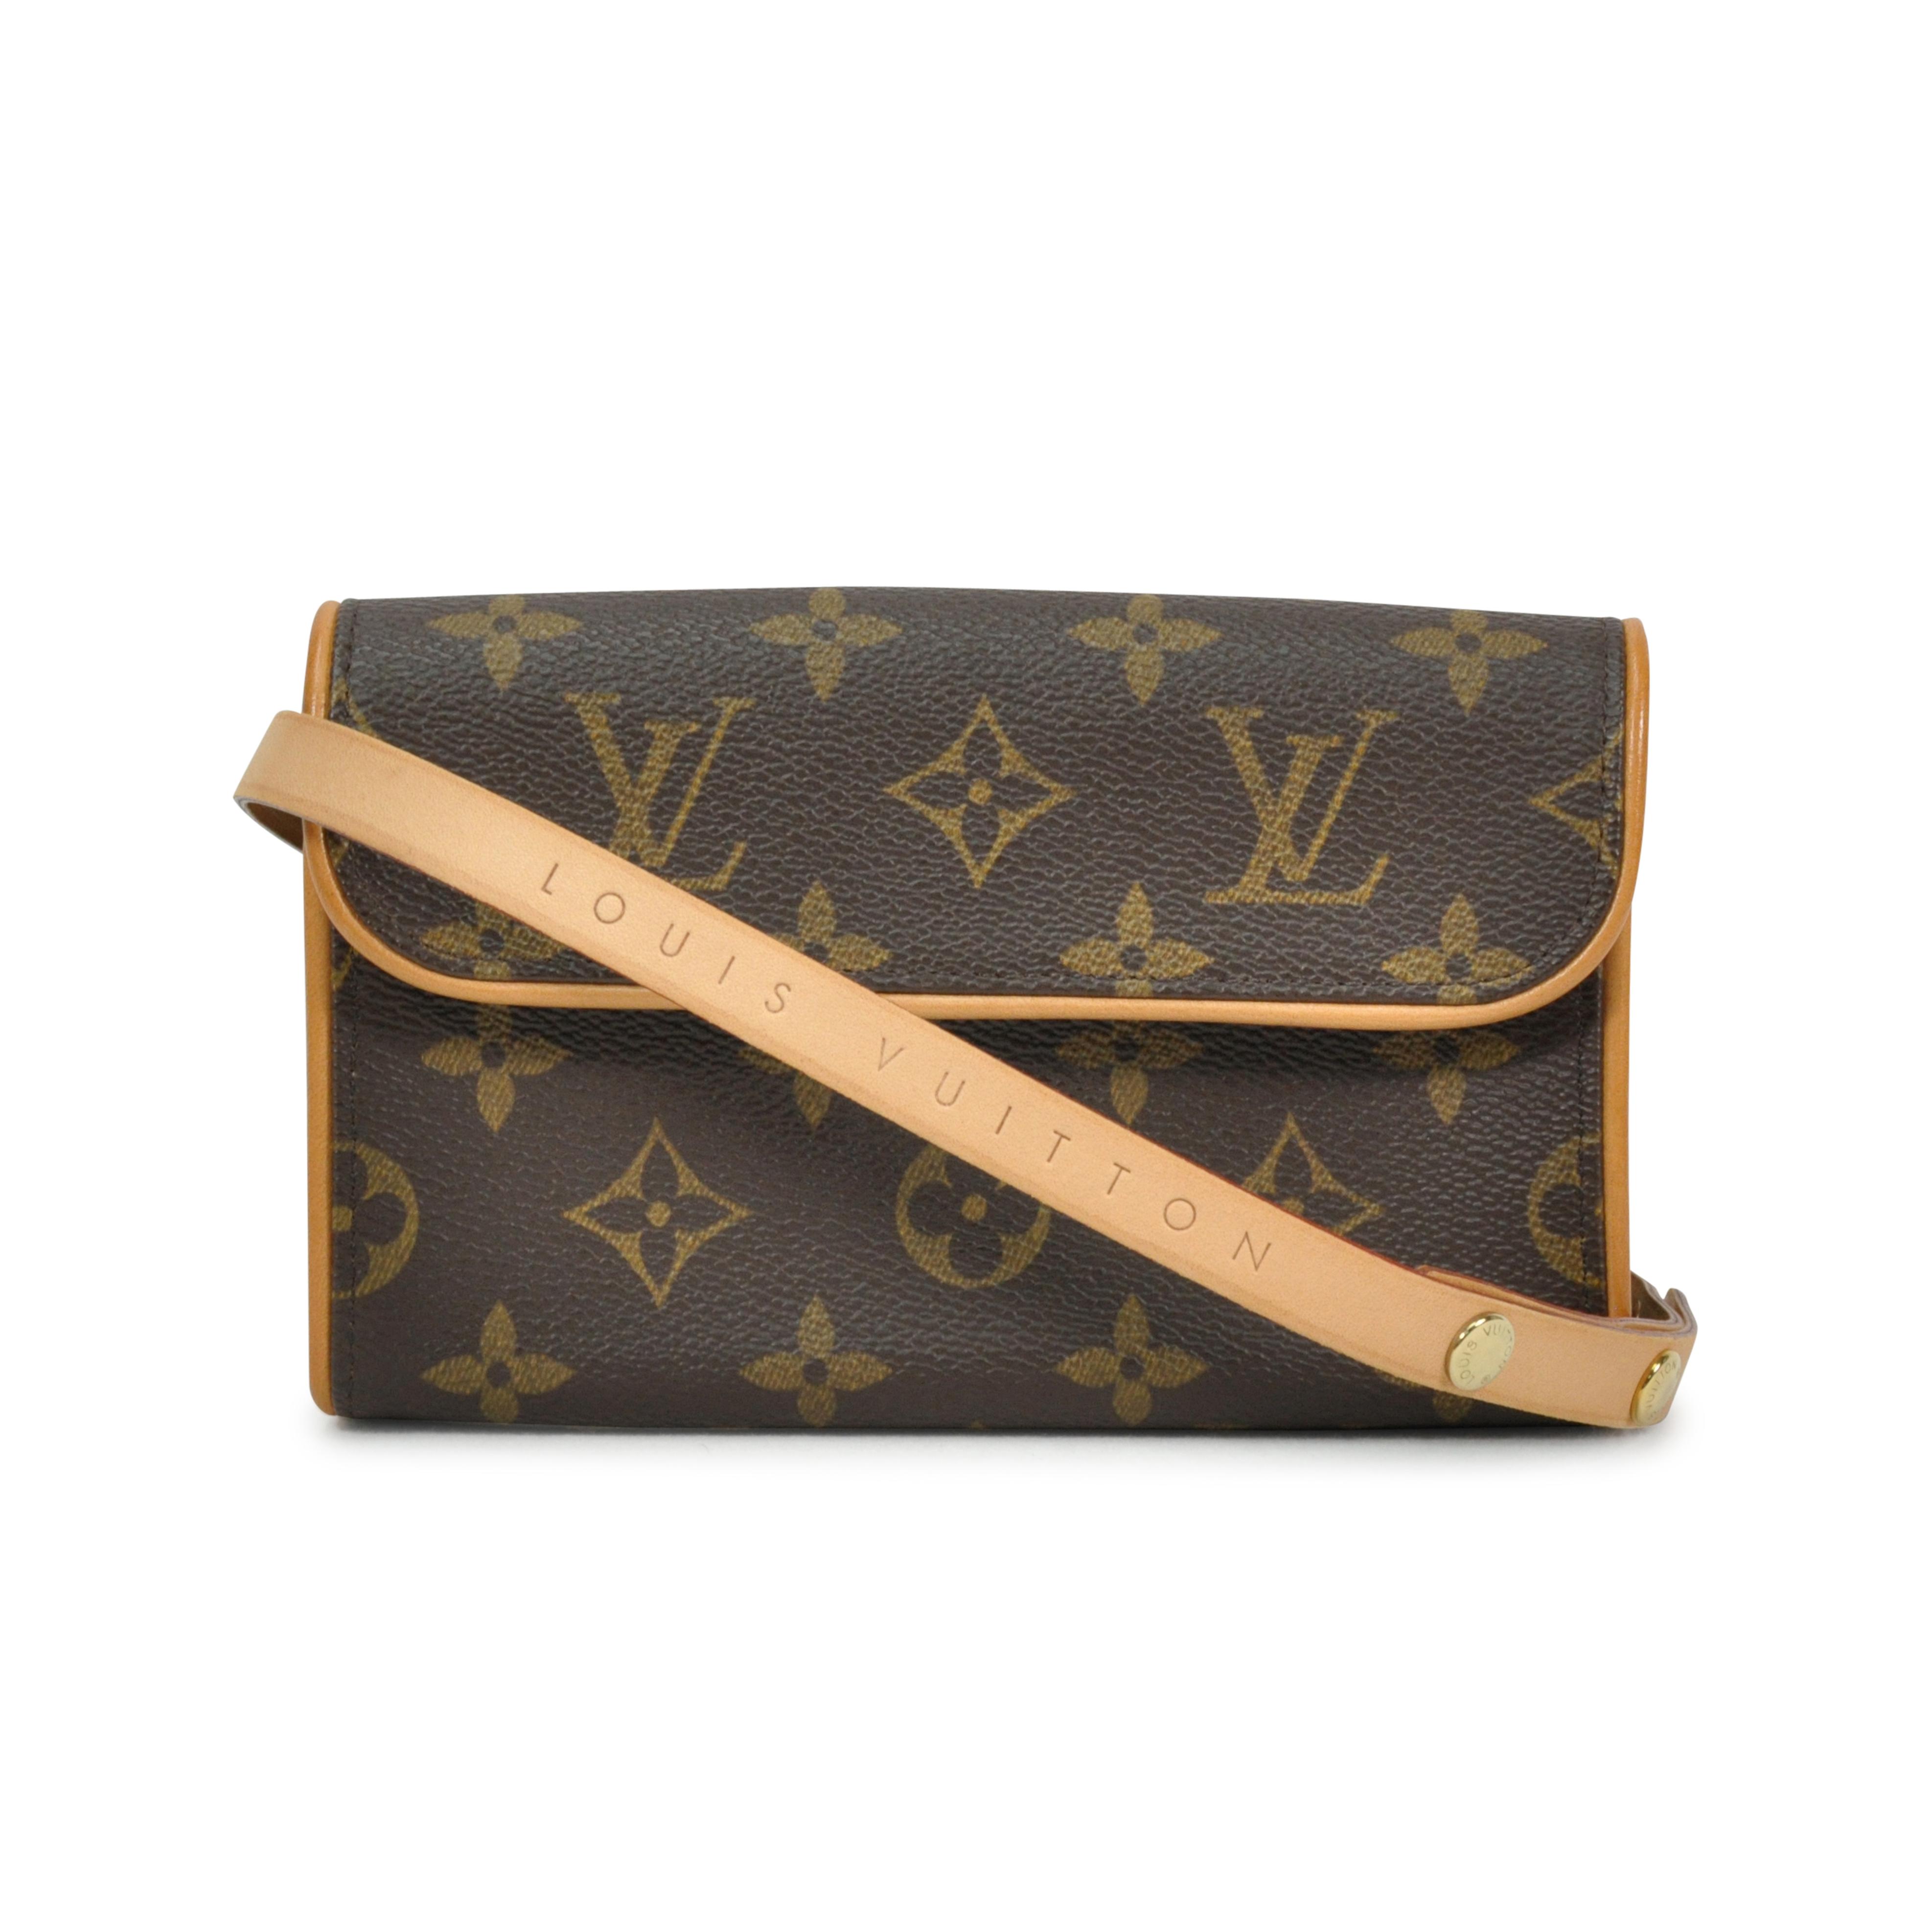 a7c36c058e59 Authentic Second Hand Louis Vuitton Pochette Florentine Waist Pouch  (PSS-298-00002)